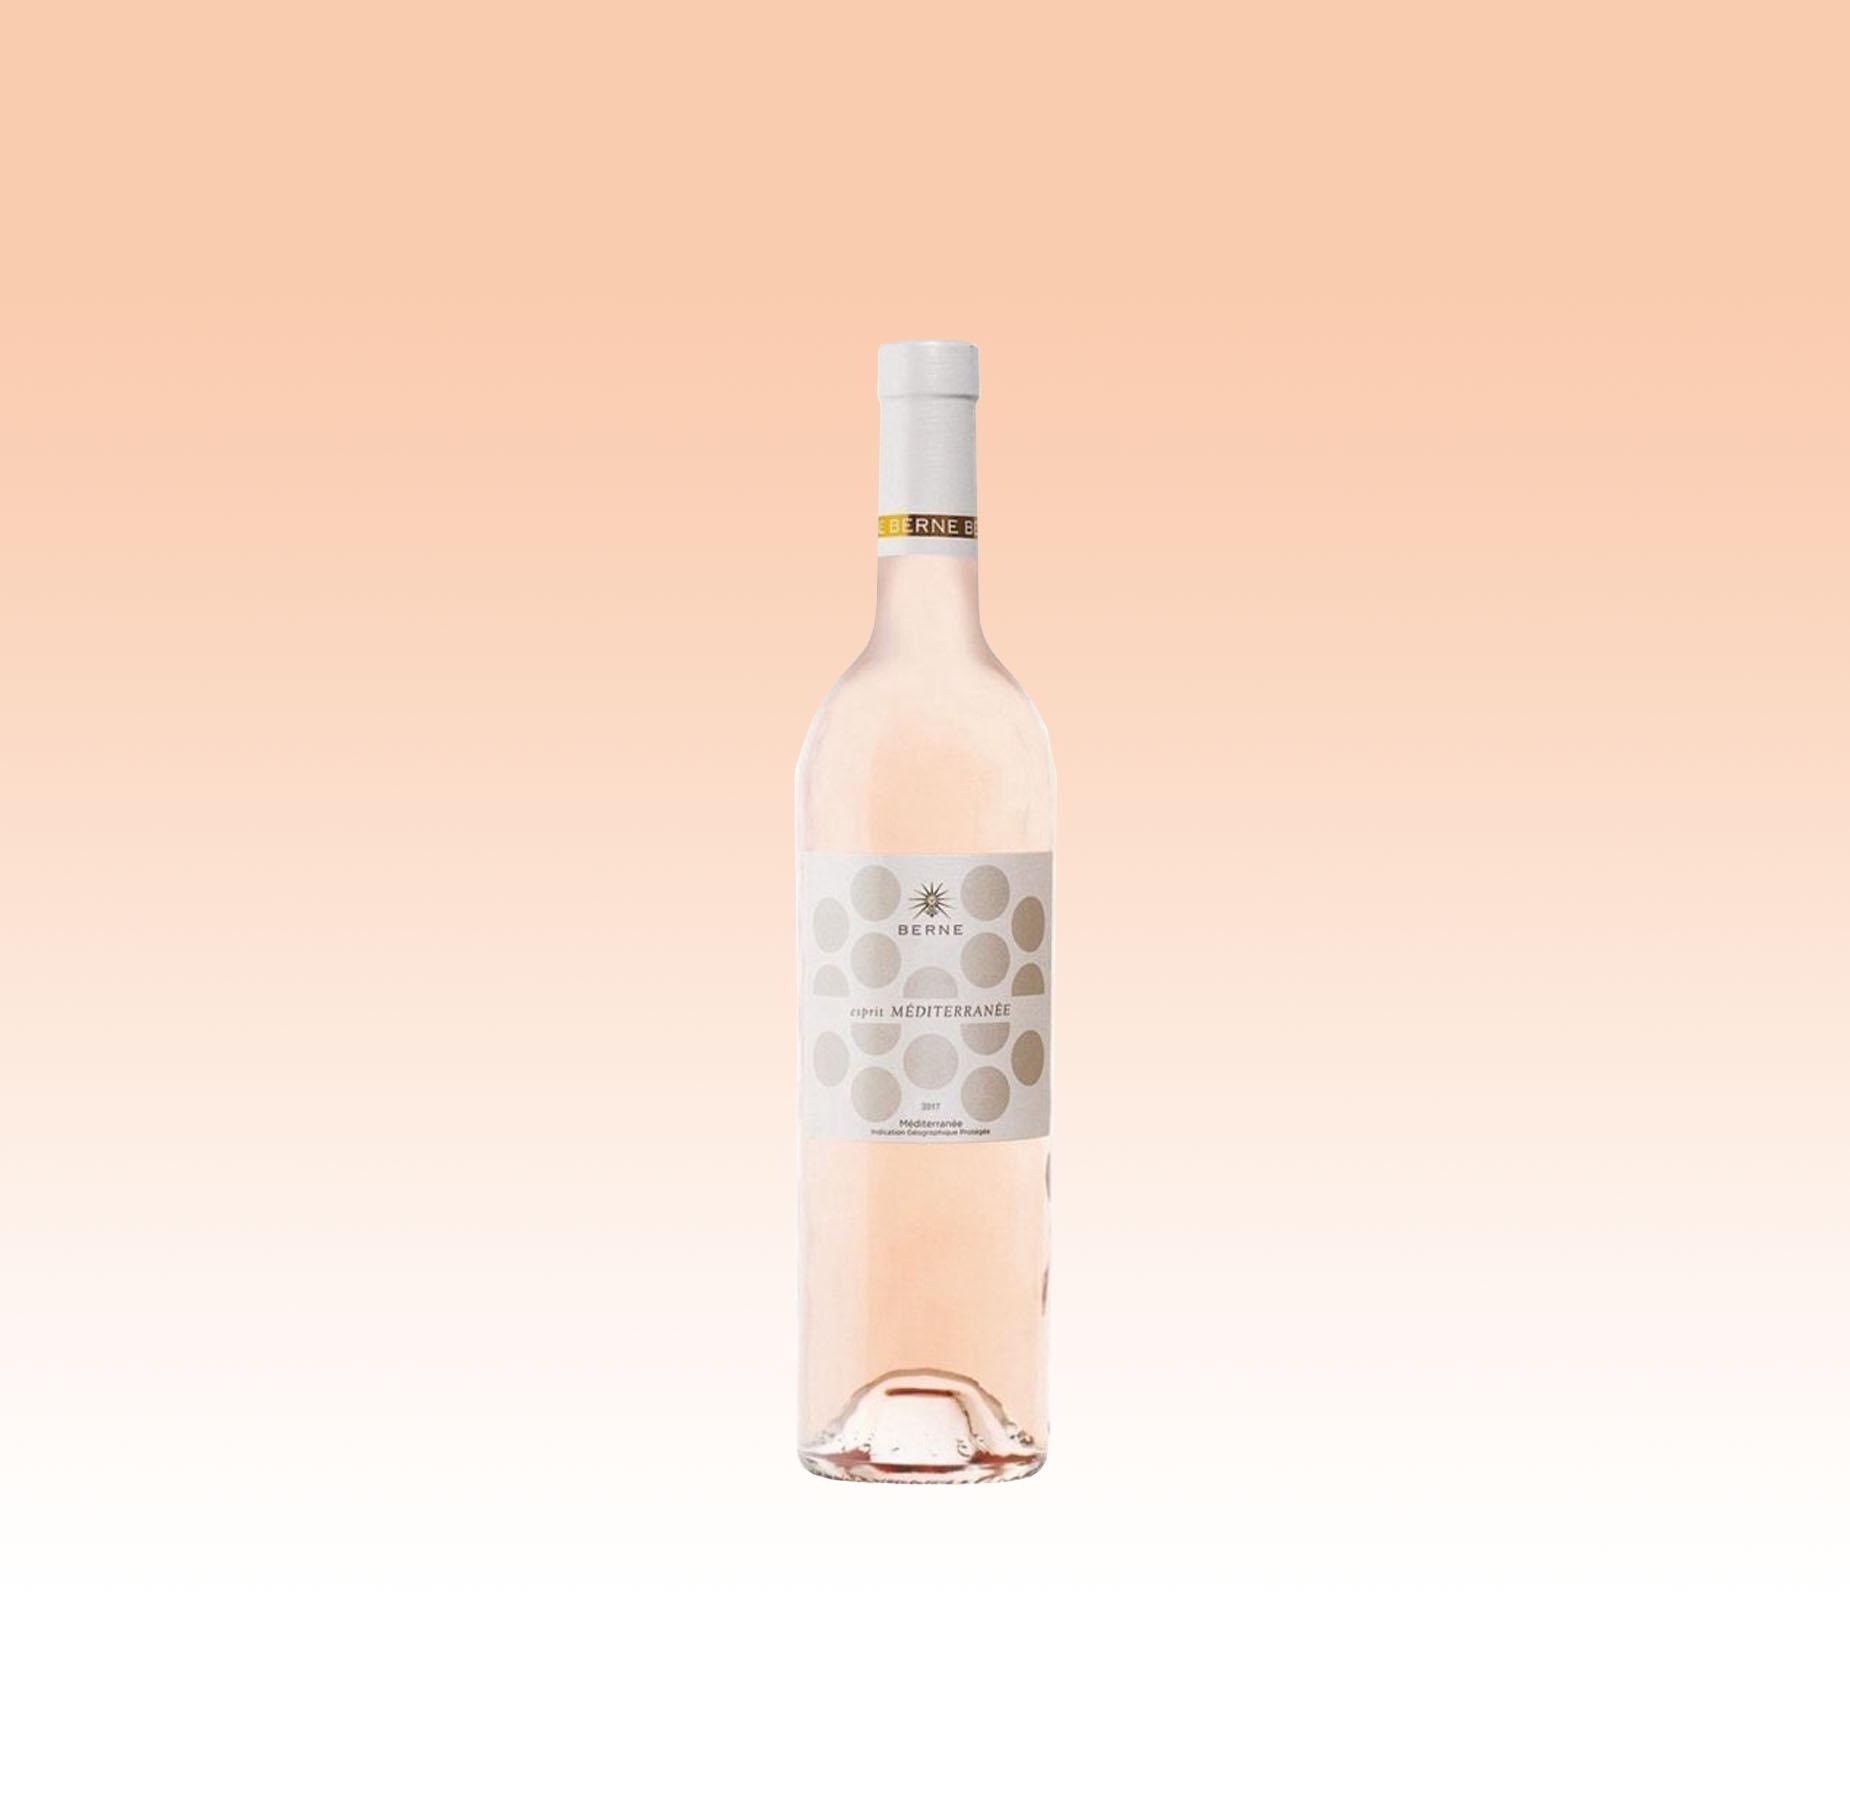 Berne Esprit Méditerranée Rosé 2017